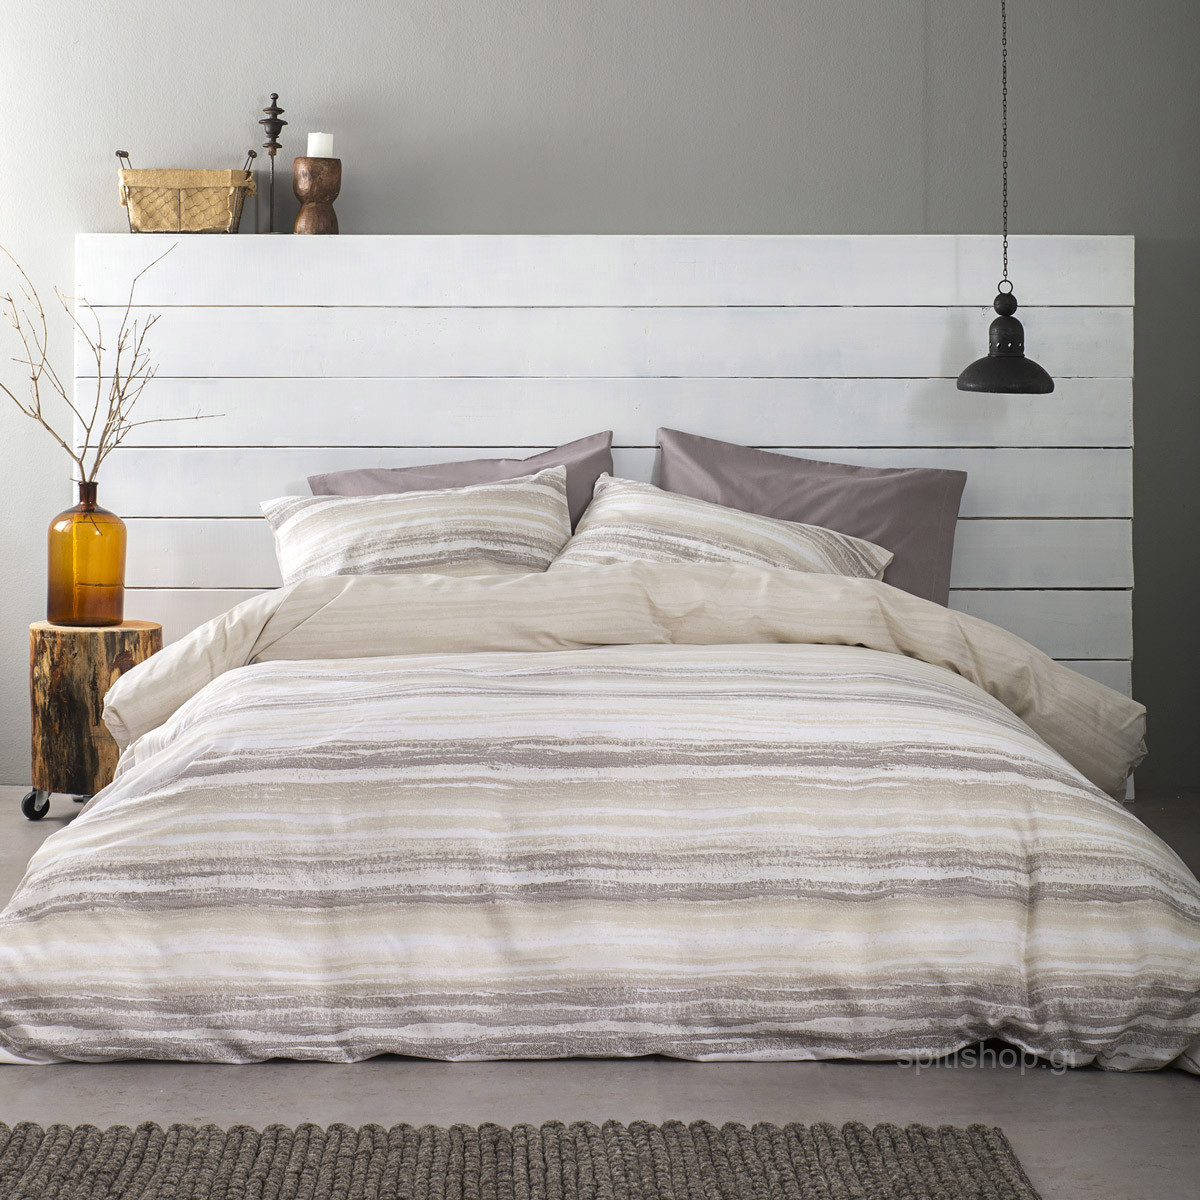 Σεντόνια Υπέρδιπλα (Σετ) Nima Bed Linen Softwood Earth ΧΩΡΙΣ ΛΑΣΤΙΧΟ 240×260 ΧΩΡΙΣ ΛΑΣΤΙΧΟ 240×260